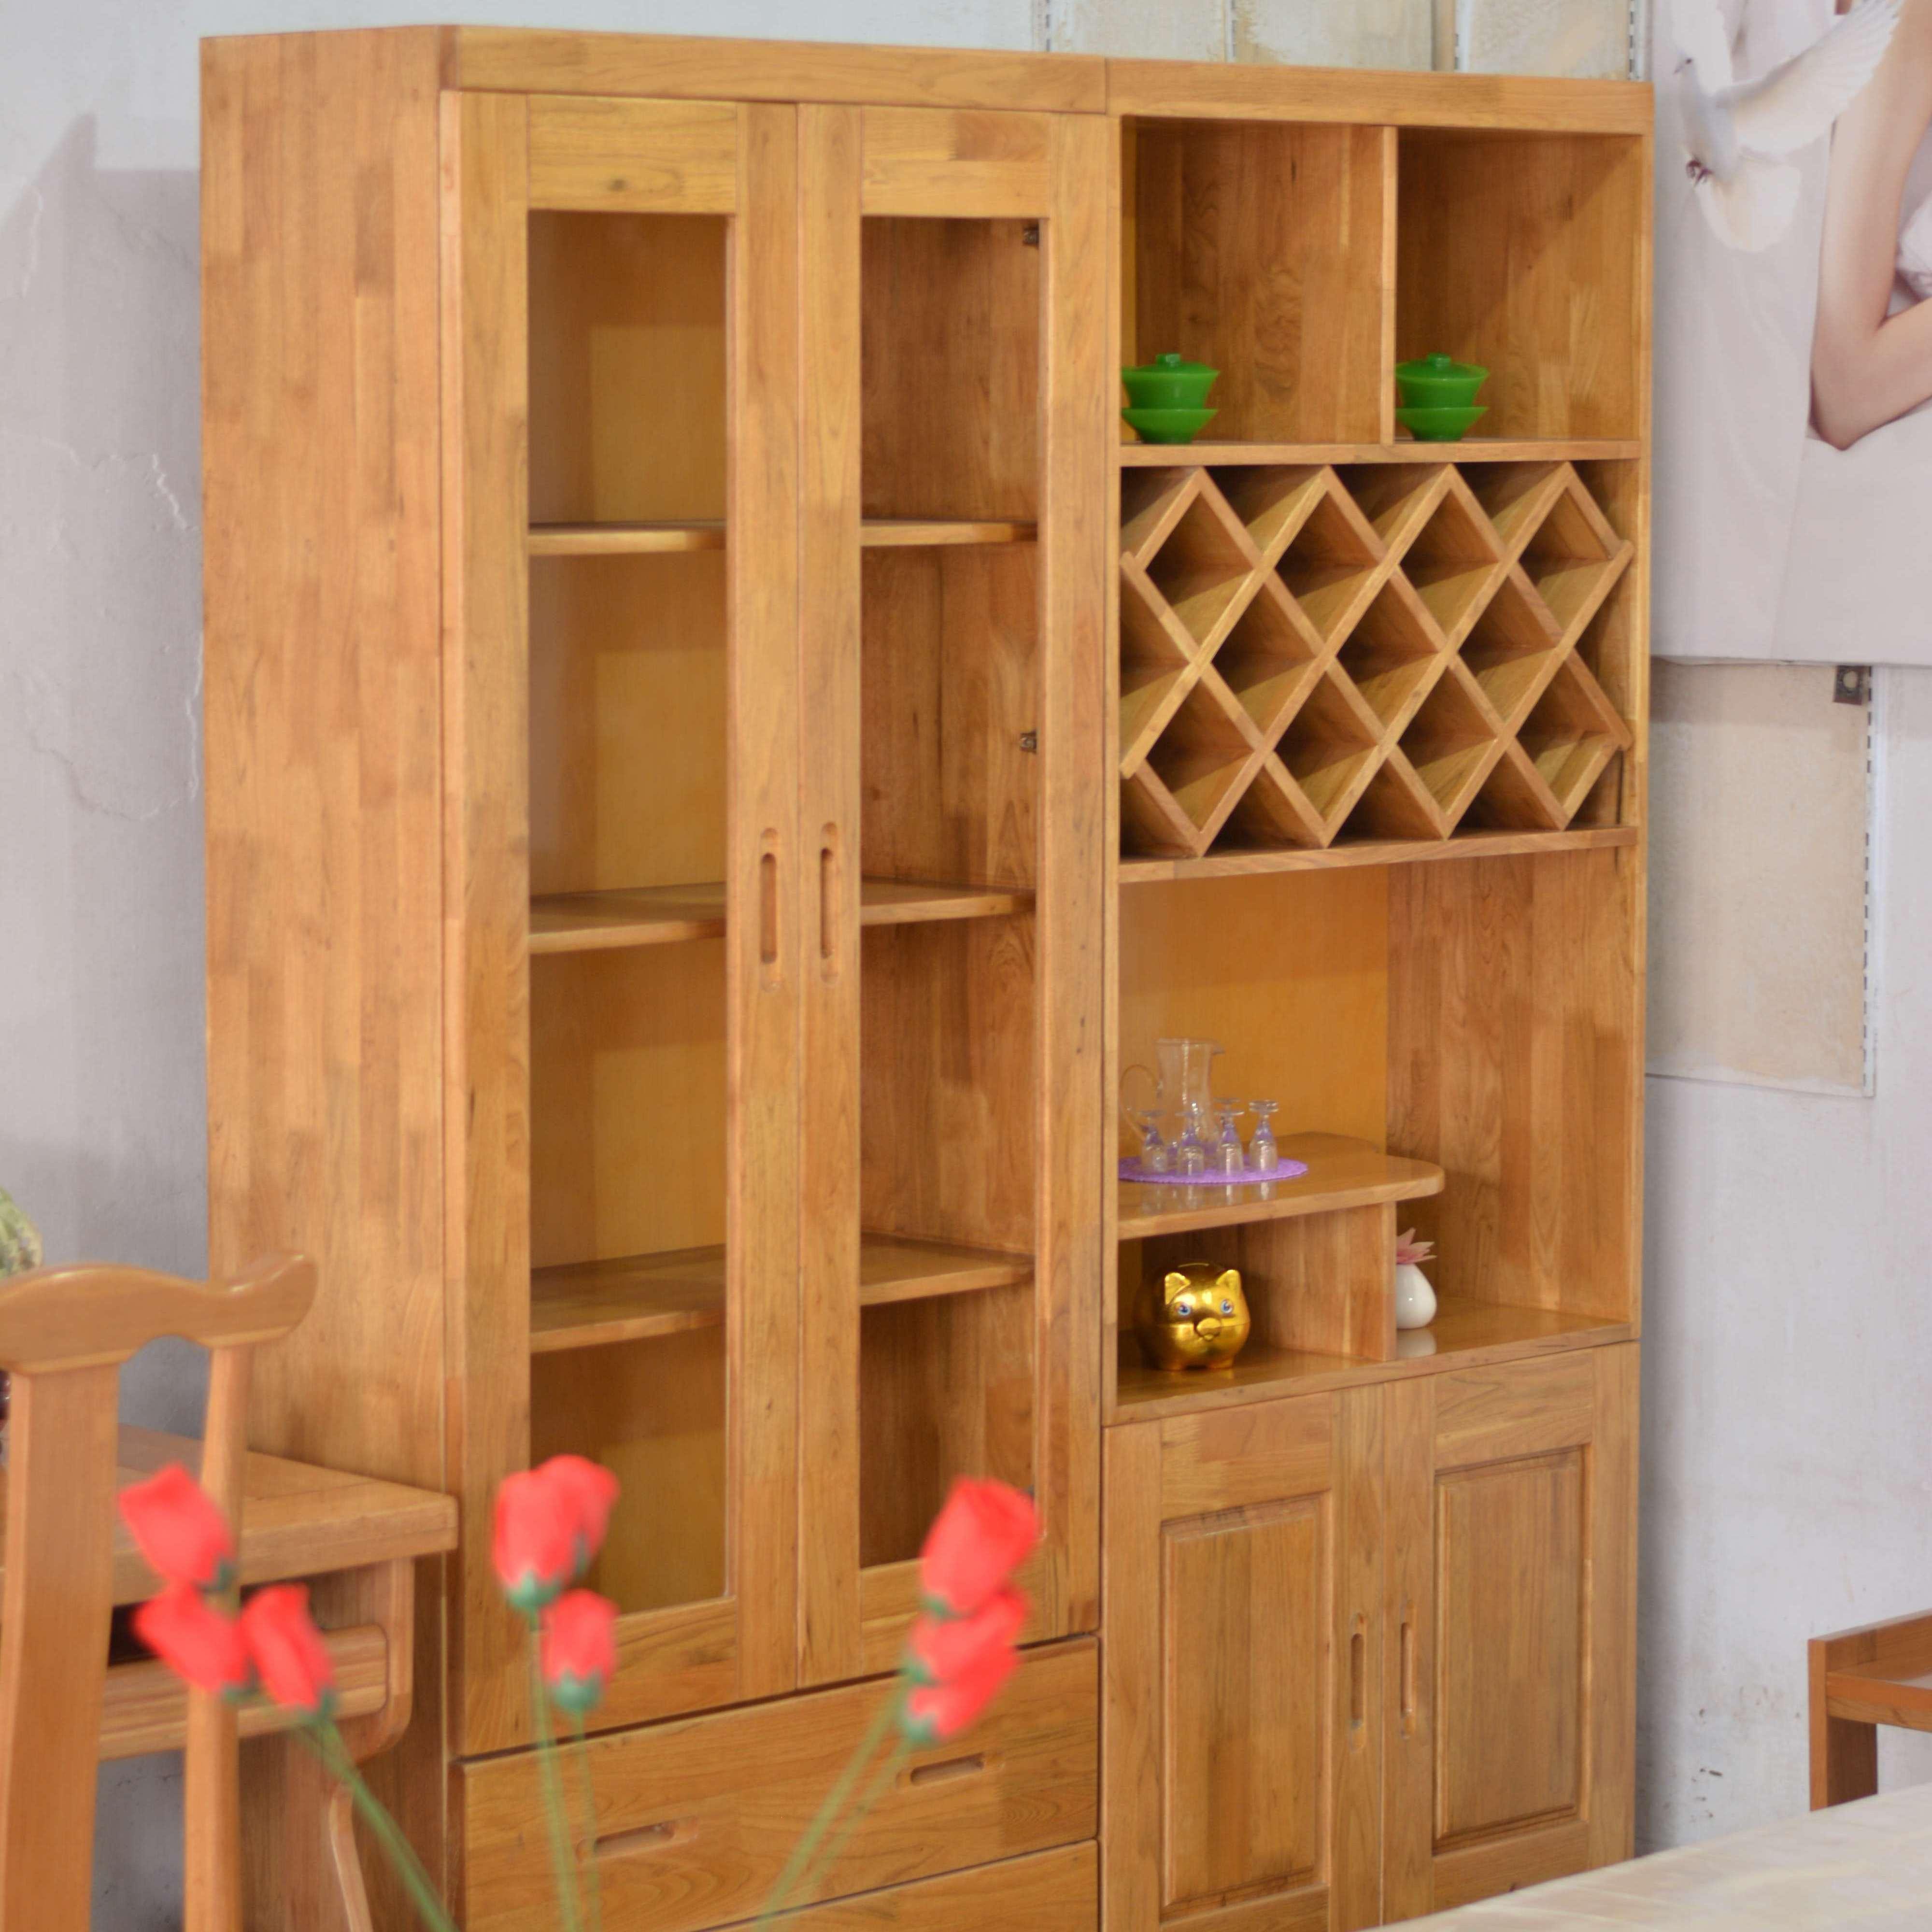 王家实木家具 纯实木家俱酒柜 环保漆  无甲醛  原始工艺  实木家具设计 定制 供应